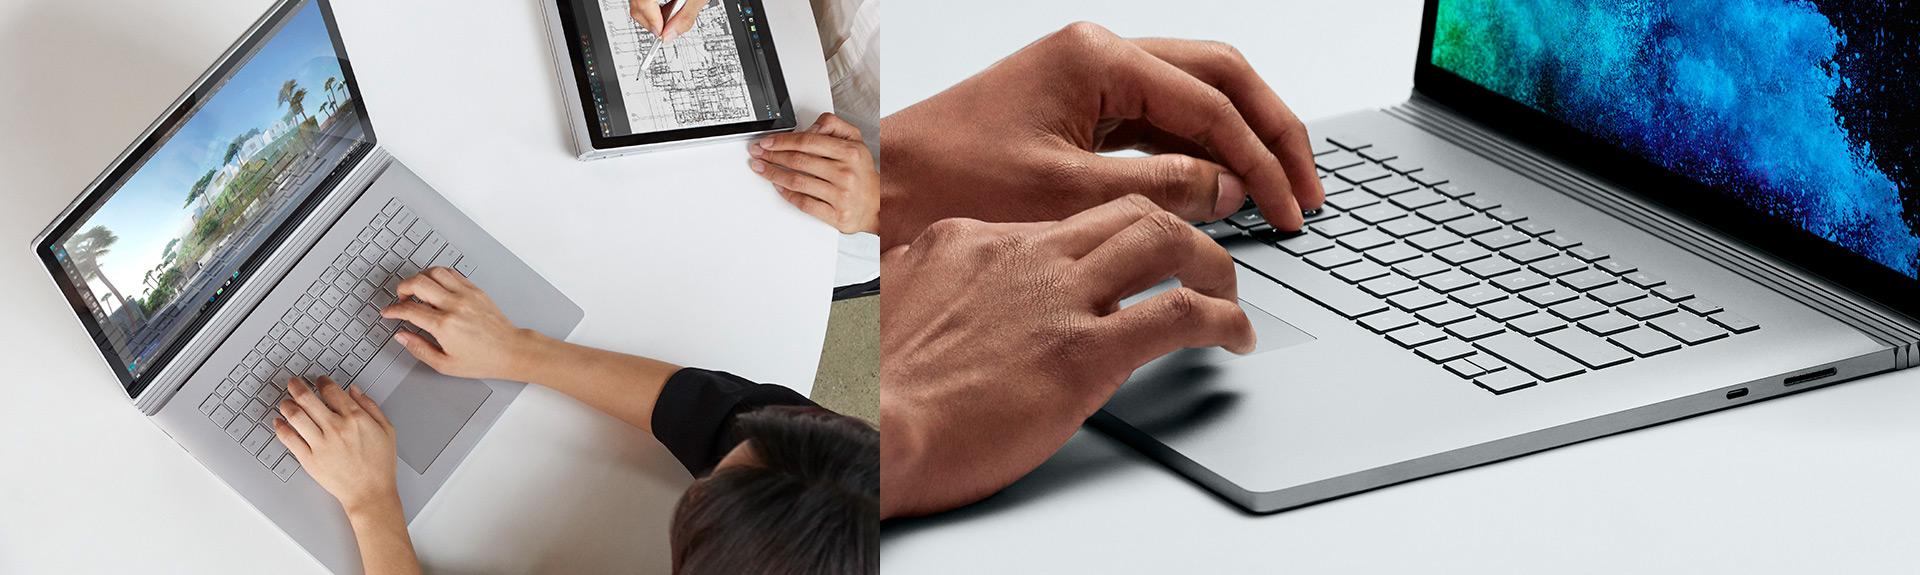 Surface-Book-2. Клавиатура с подсветкой и стеклянный трекпад